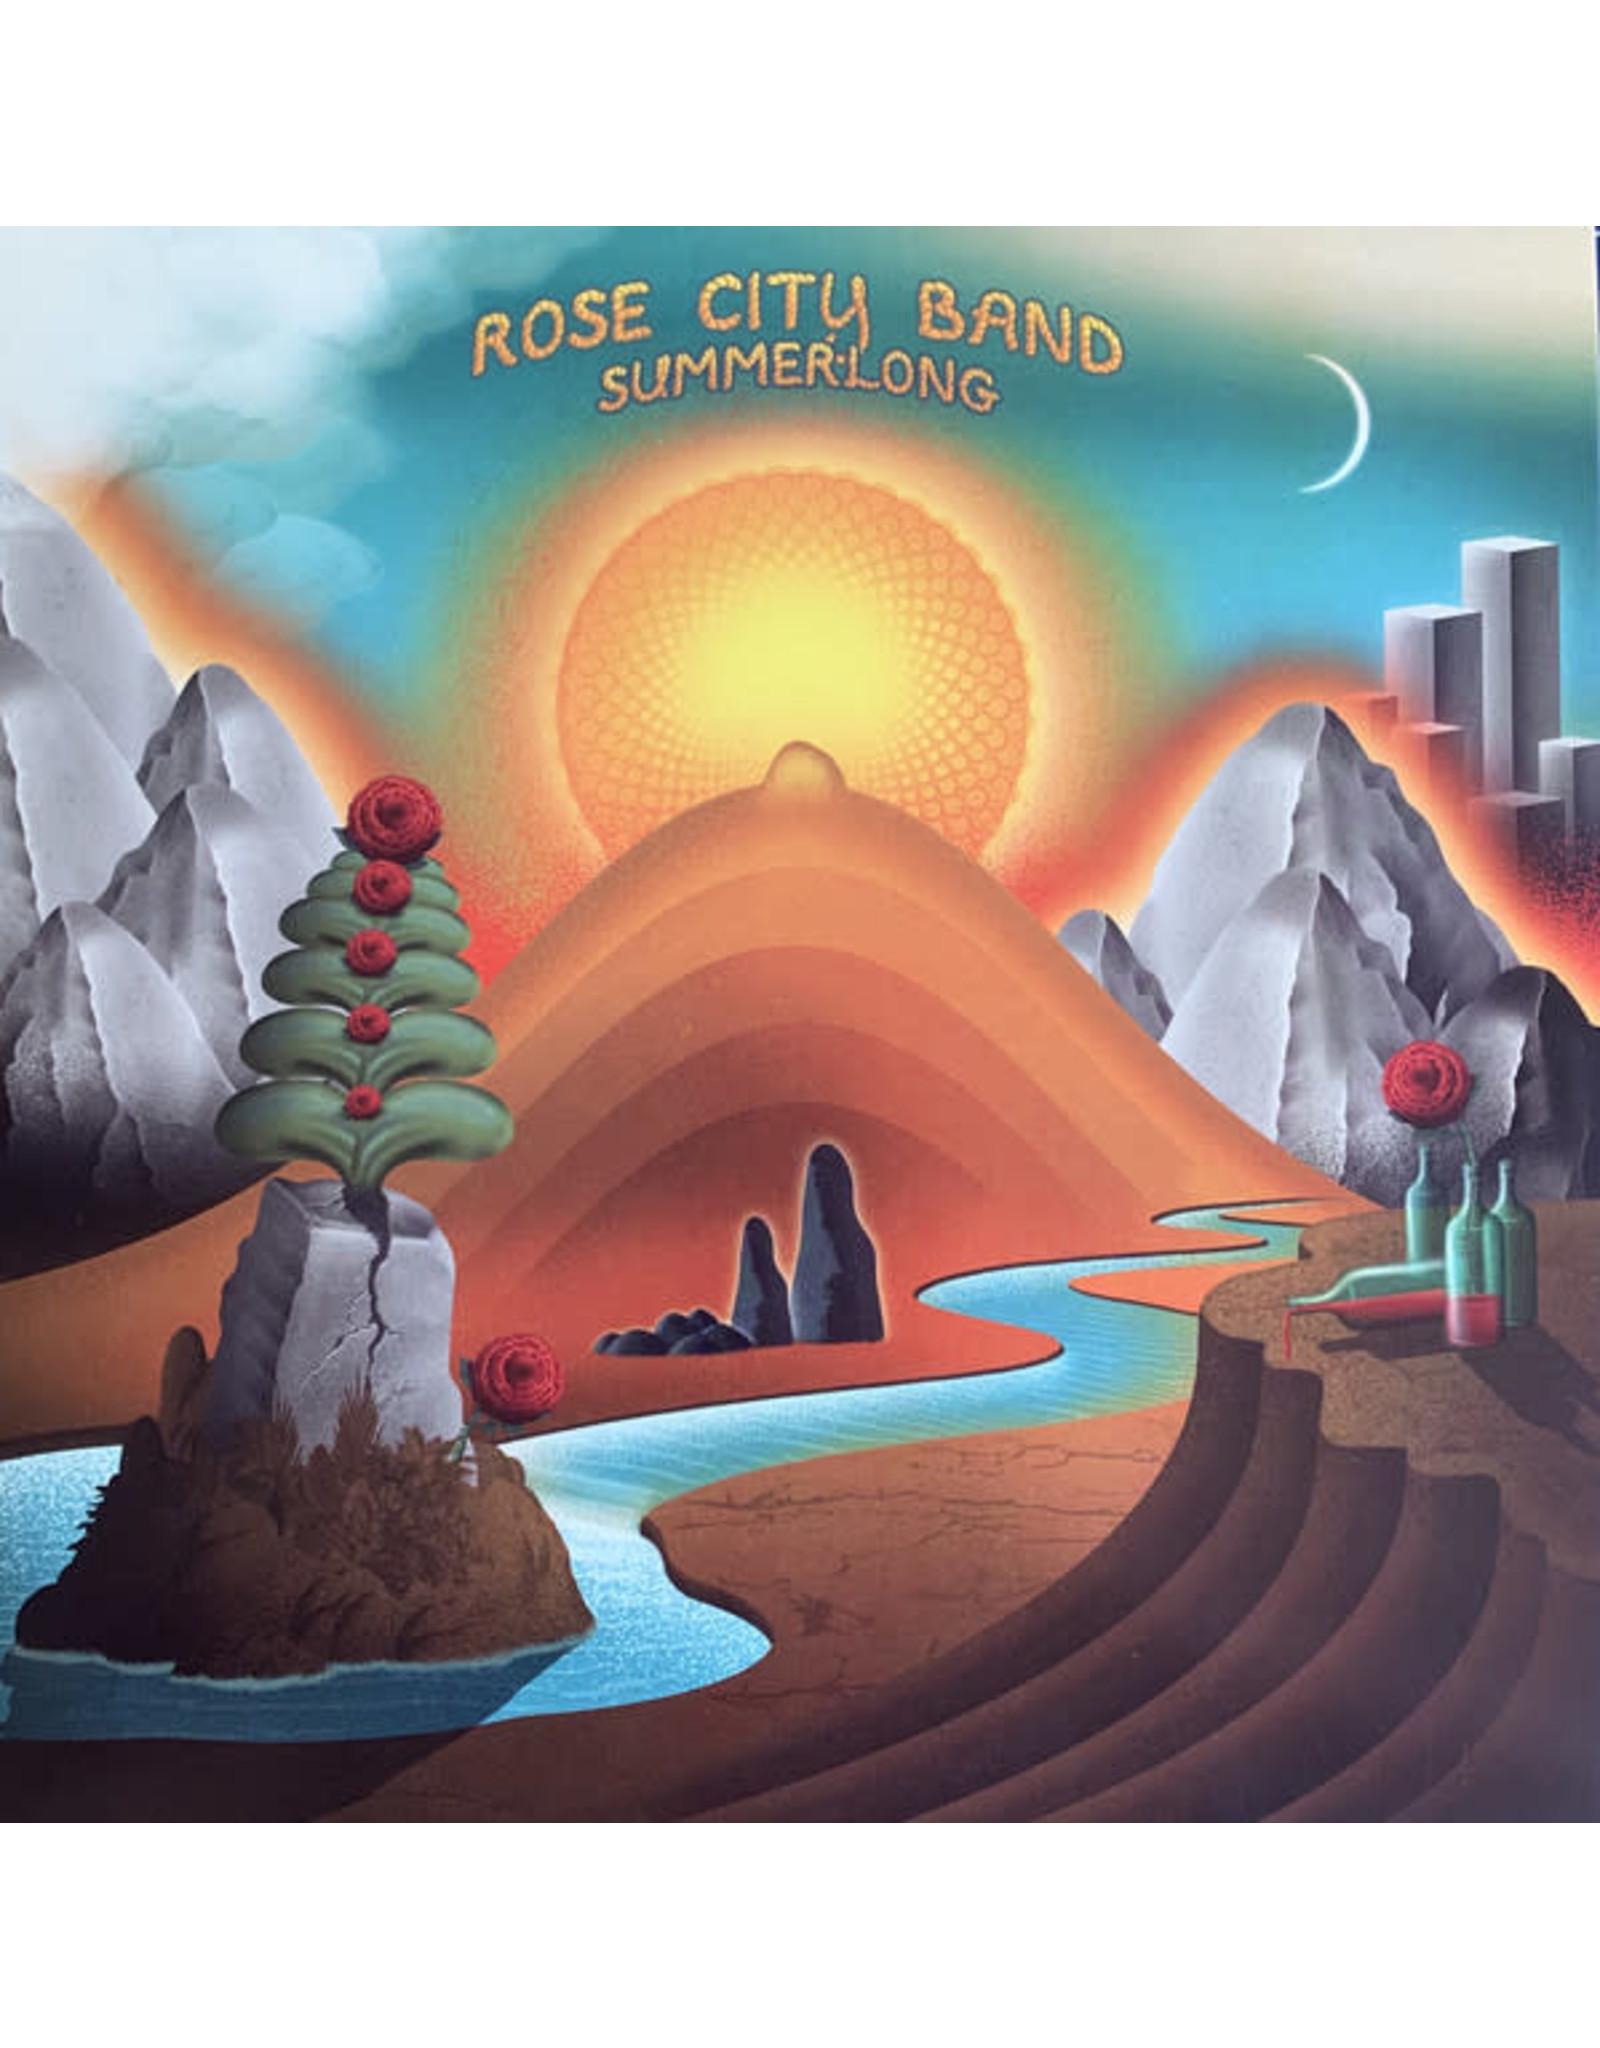 Rose City Band - Summerlong LP